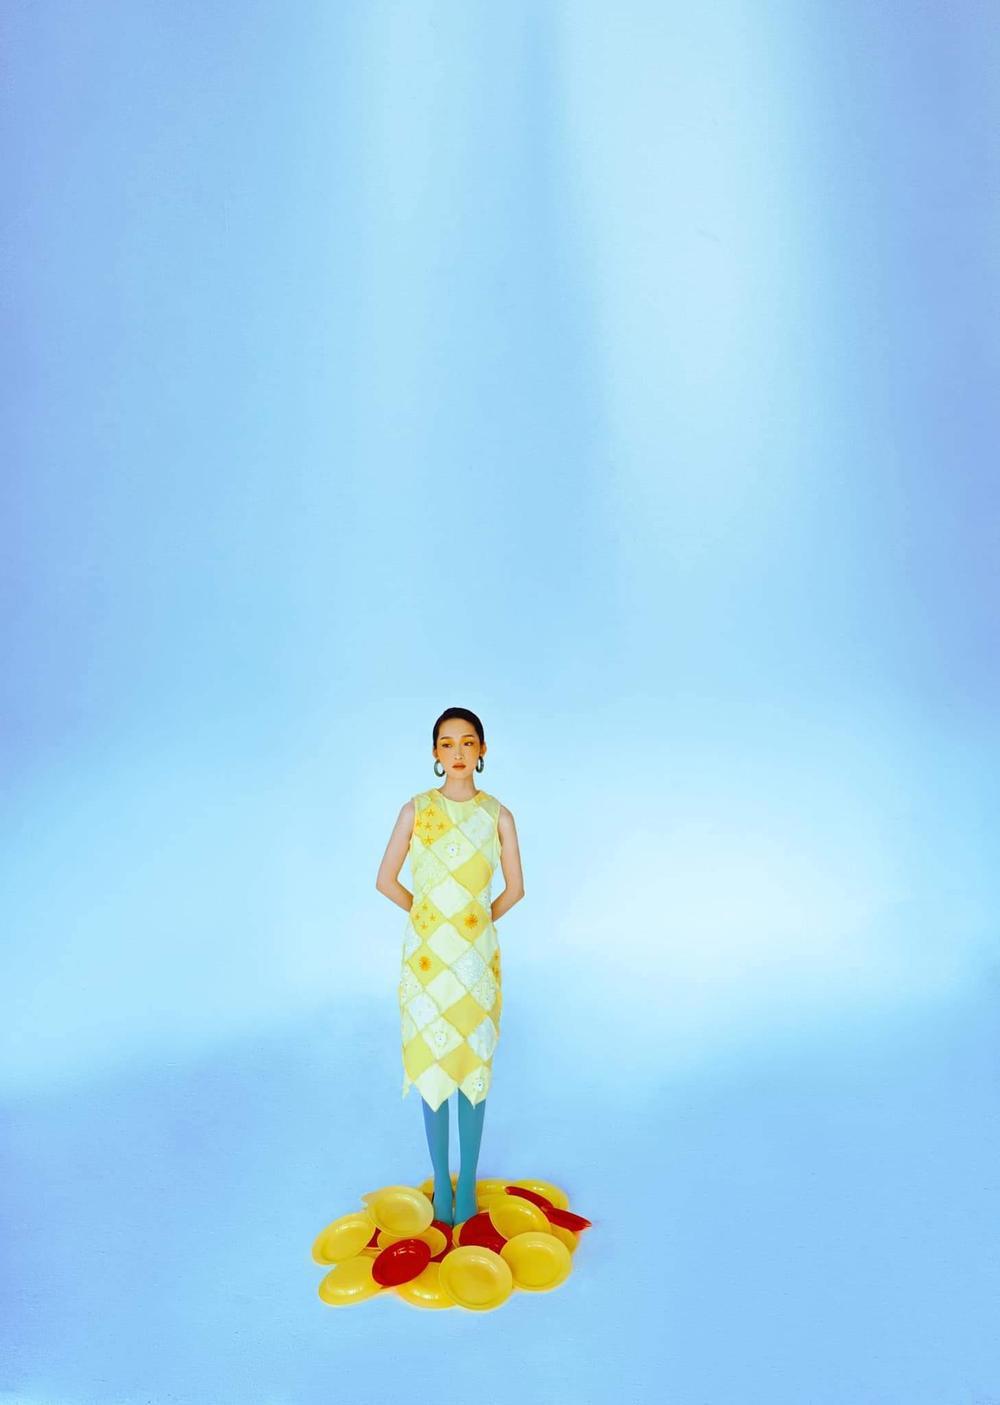 Juky San hoá nàng thơ tao nhã, đẹp thoát tục mơ màng giữa tiết Xuân Ảnh 8